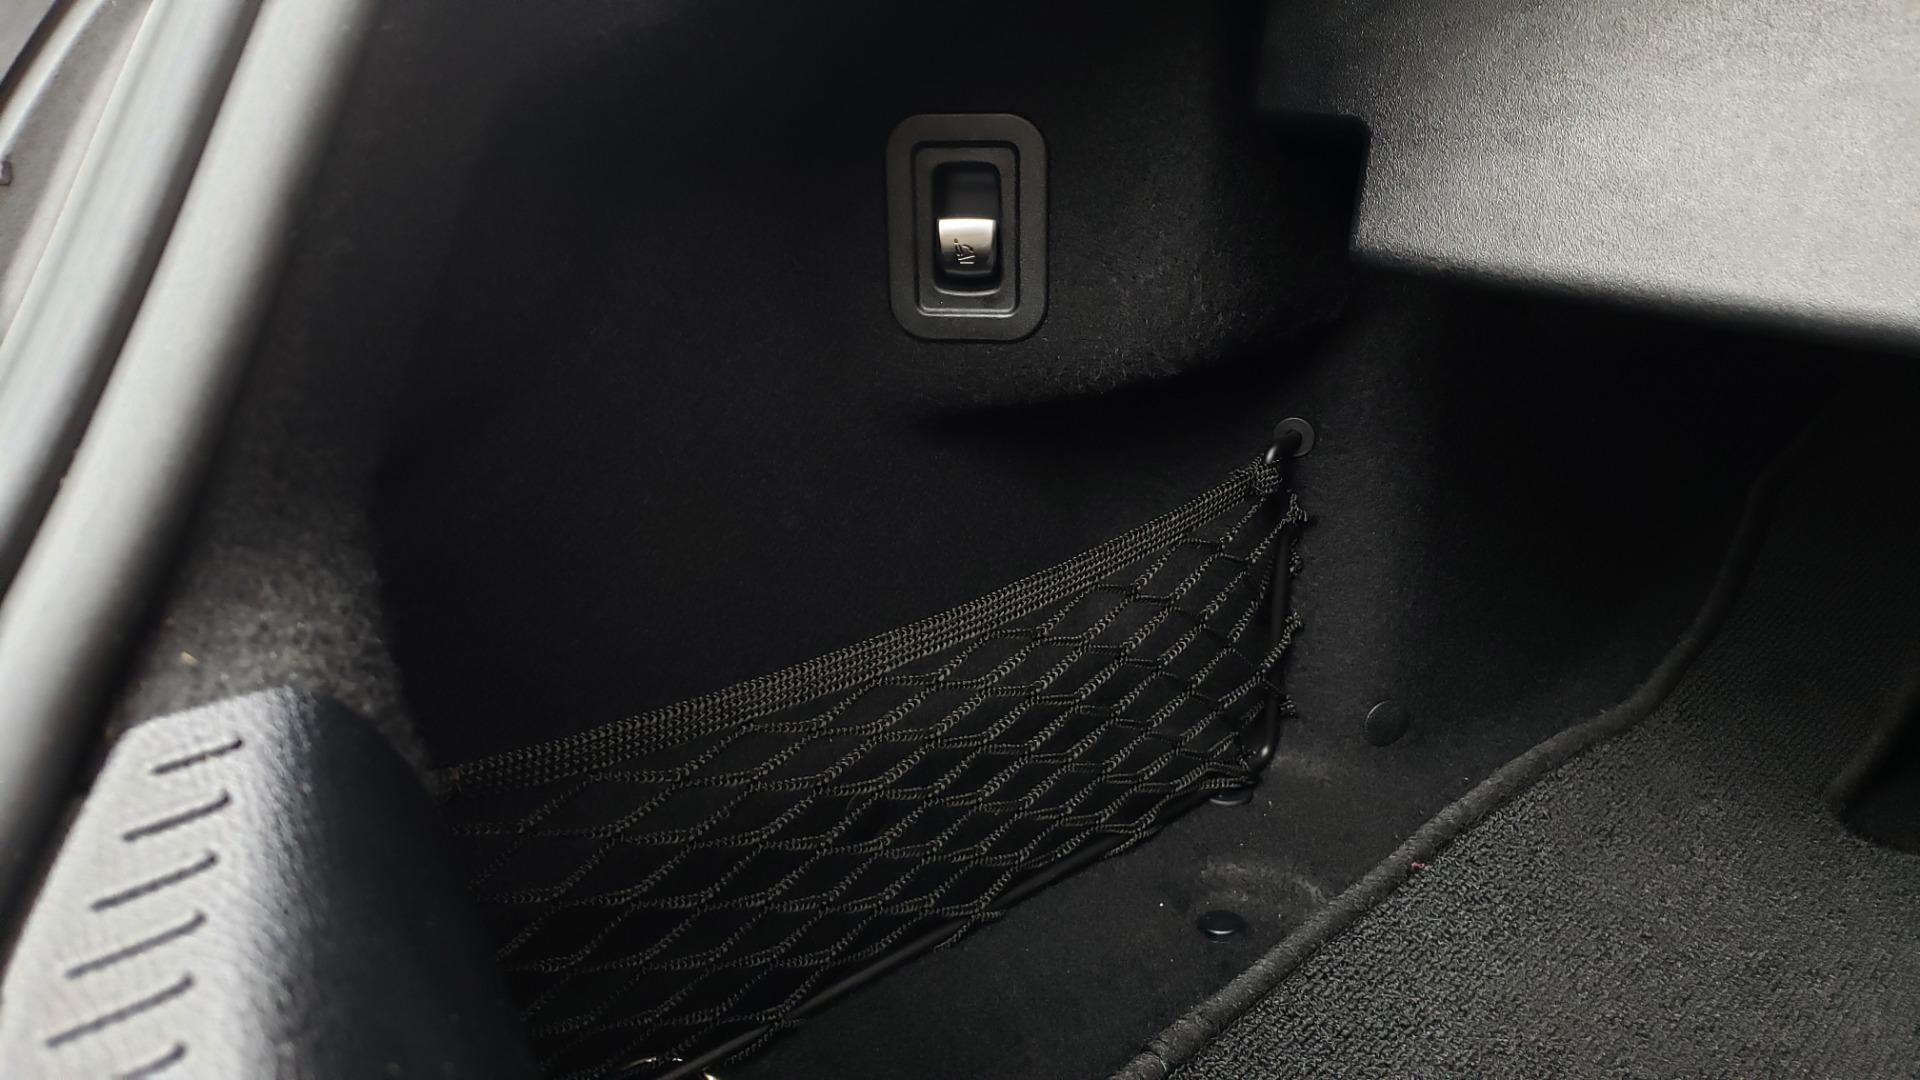 Used 2019 Mercedes-Benz C-CLASS C 300 CABRIOLET / PREM PKG / NAV / BURMESTER / MULTIMEDIA for sale $49,995 at Formula Imports in Charlotte NC 28227 65